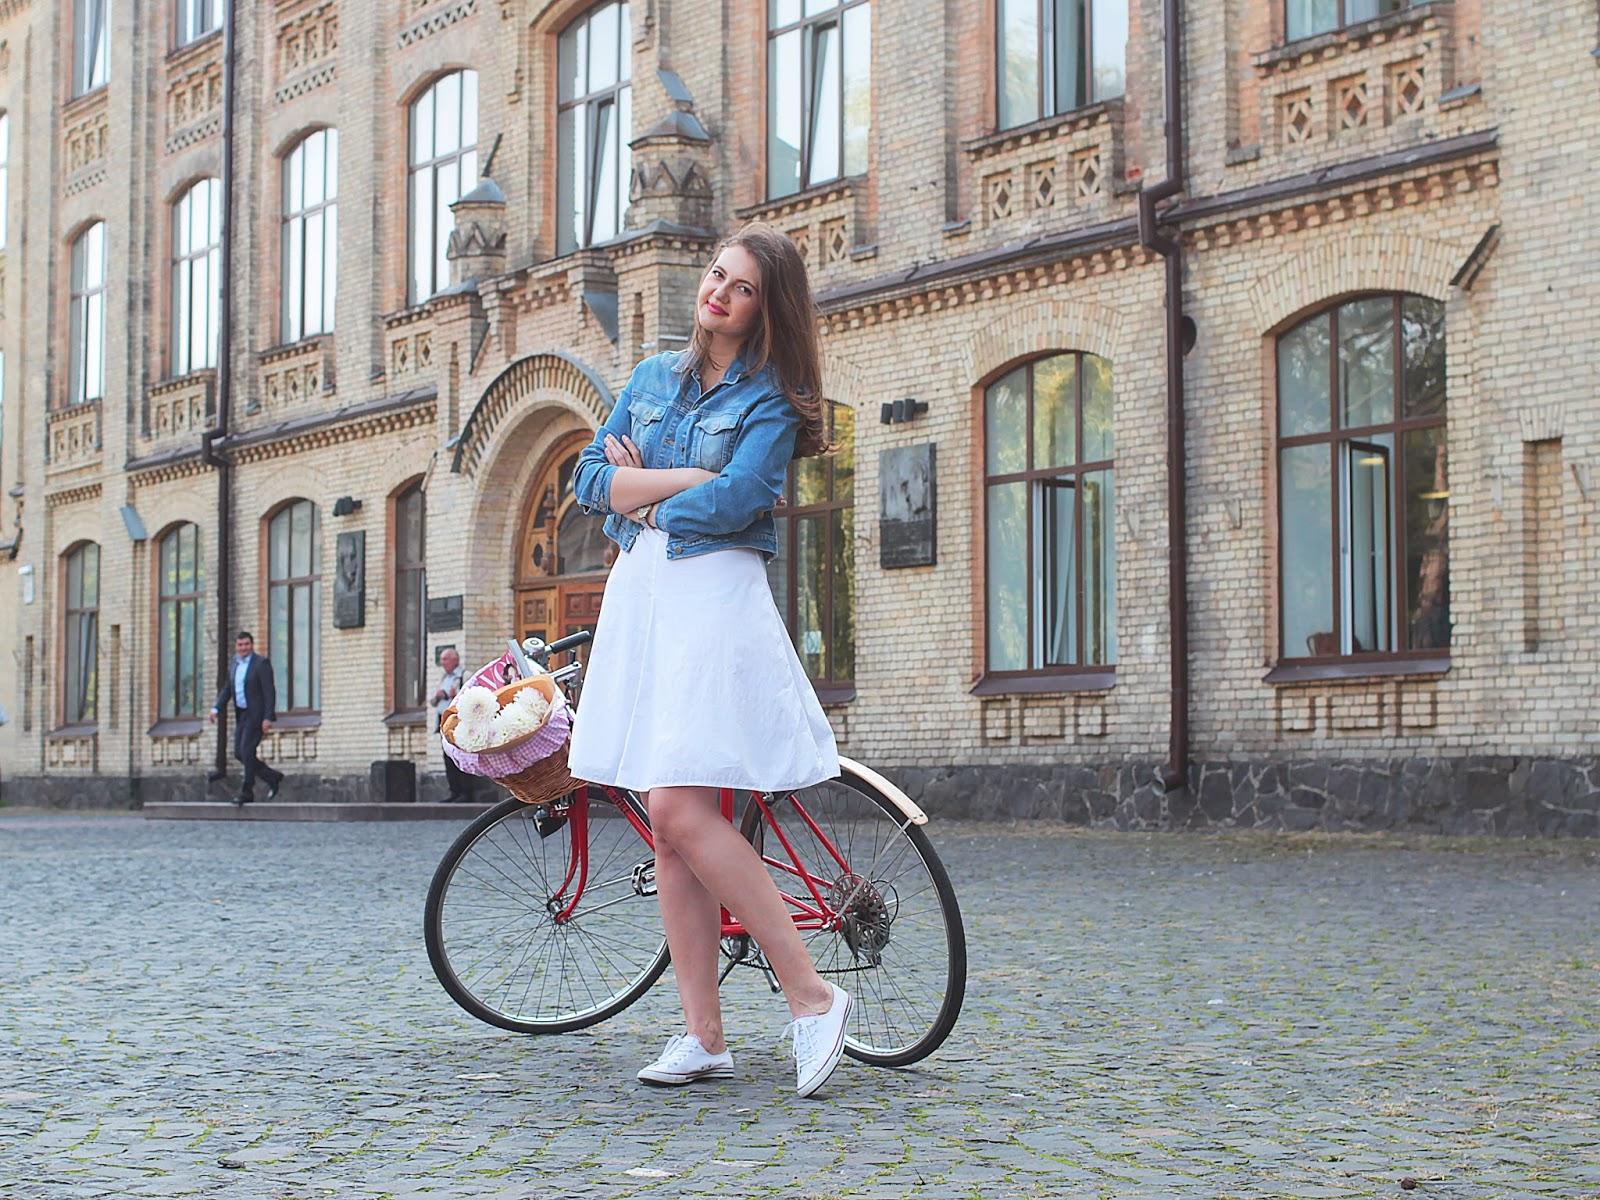 Корзинка для велосипеда купить киев, милая корзинка на велосипед, Bike me велоакссесуары, КПИ